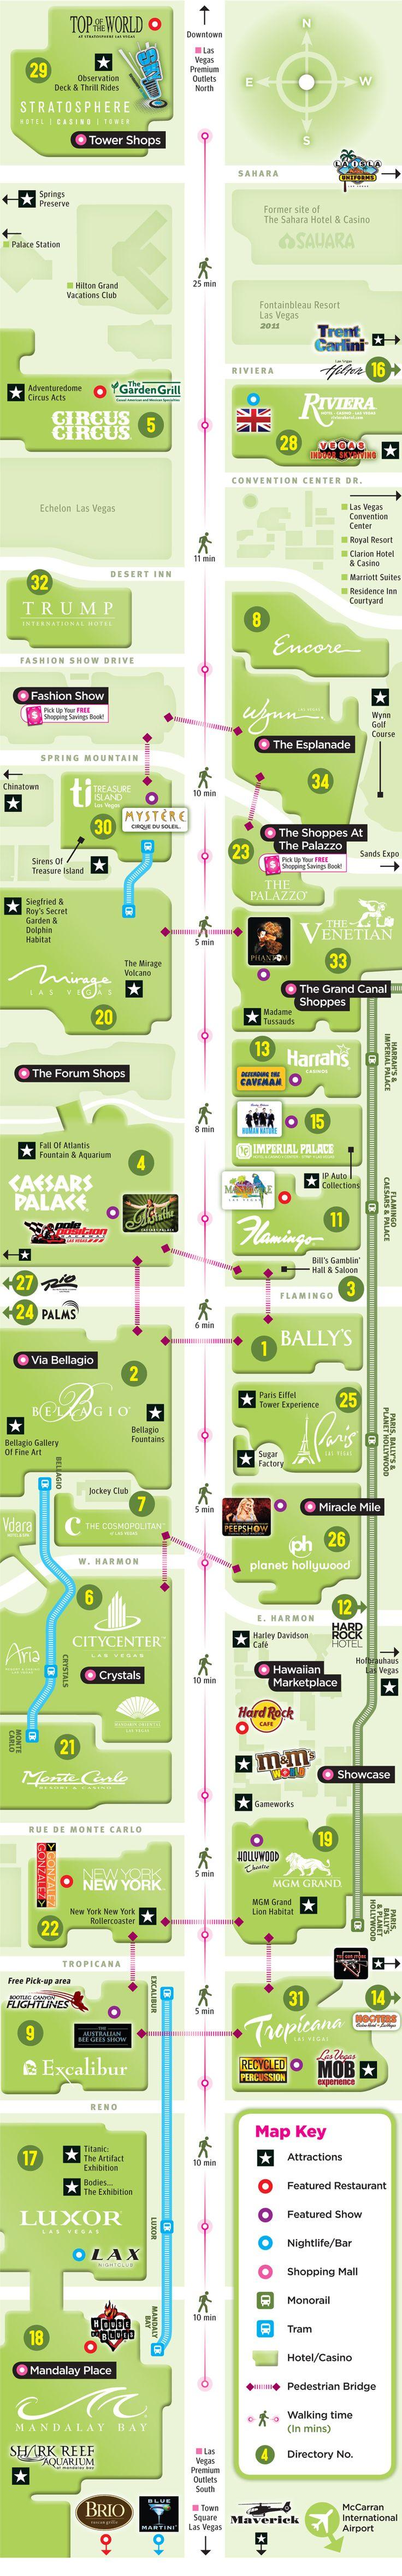 carmina shoes chicago Mapa infograf  a para guiarse en el recorrido por las vegas Boulevard  Pocket Vegas   Interactive Map